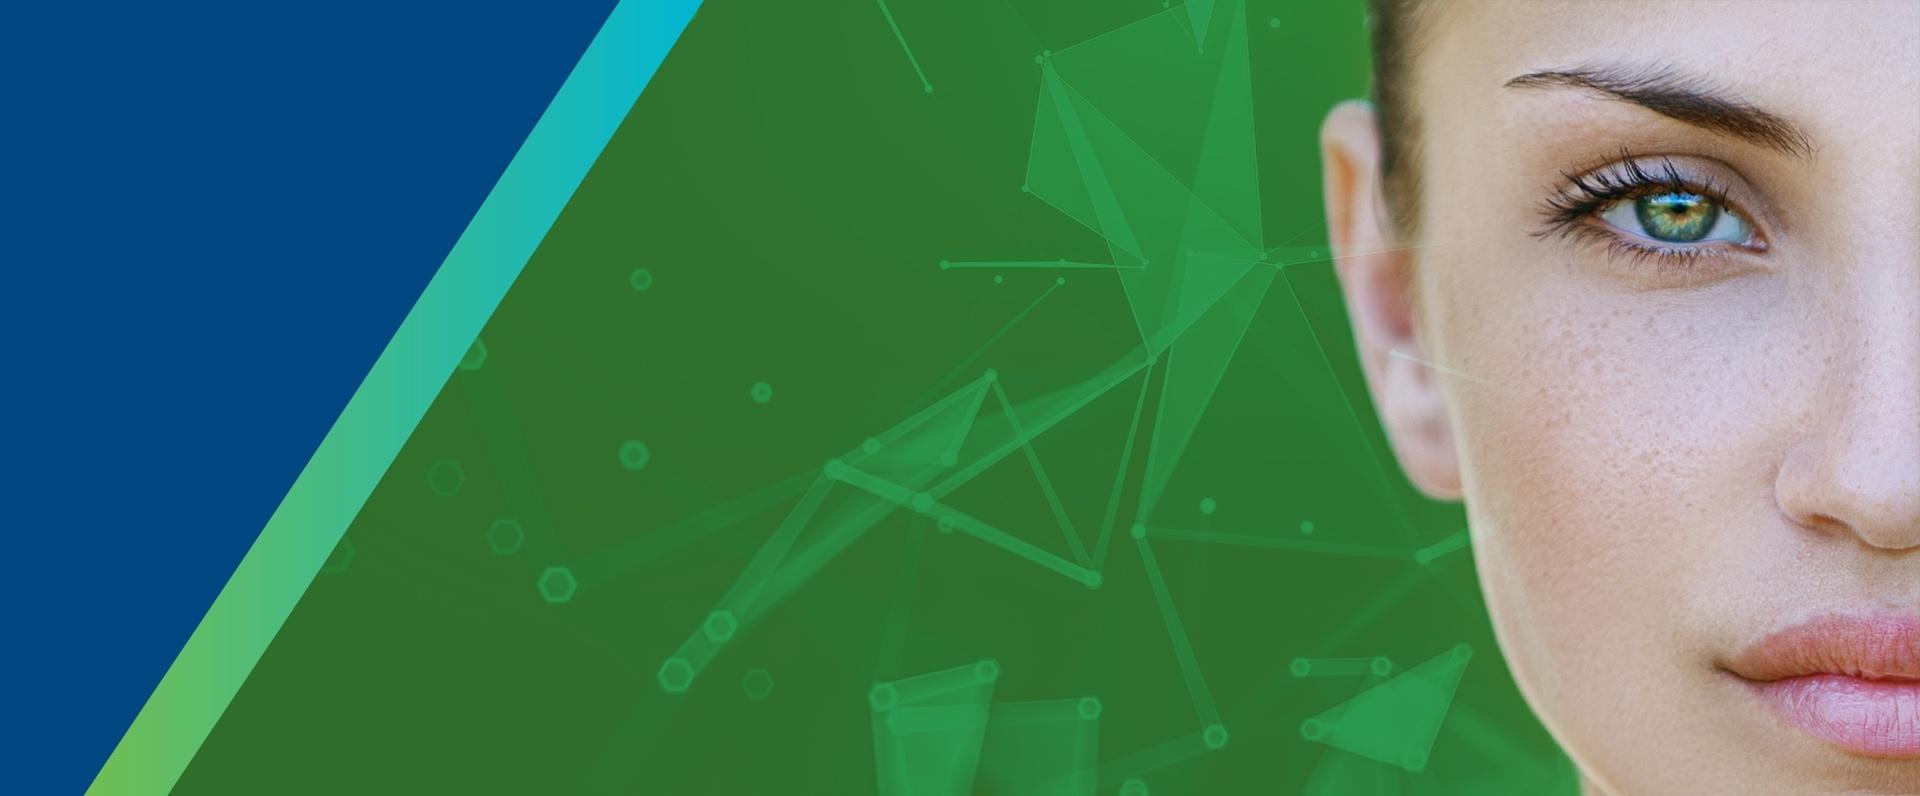 Techedge: Consultoría de negocio y tecnológica, estrategia y transformación digital